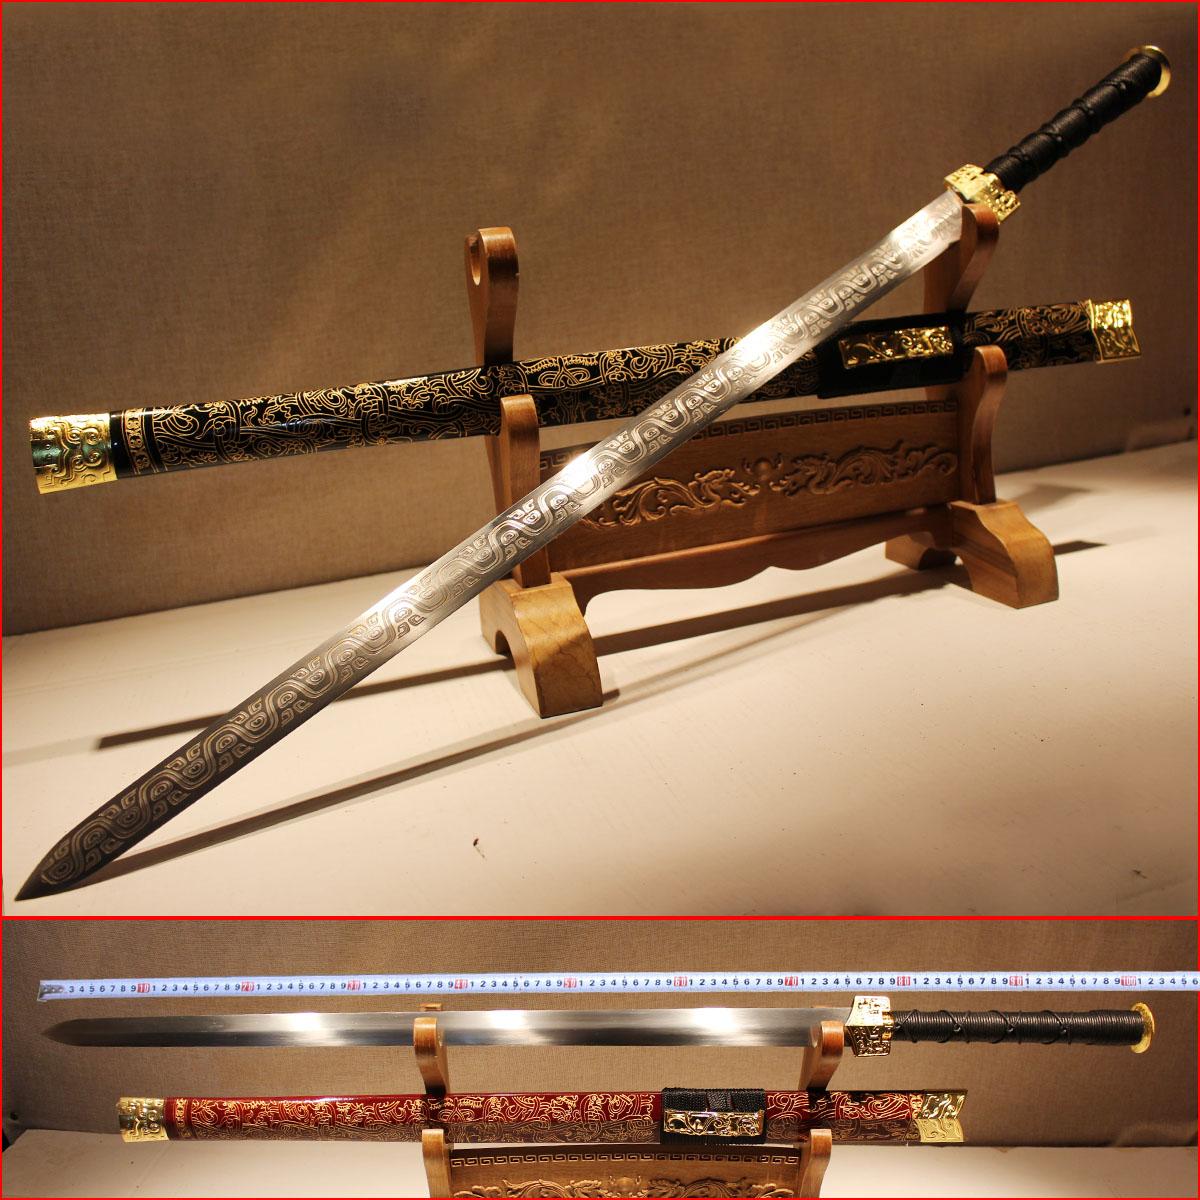 正品宝剑辟邪龙泉剑镇宅装饰长款刀剑锰钢汉剑古剑唐剑兵器未开刃